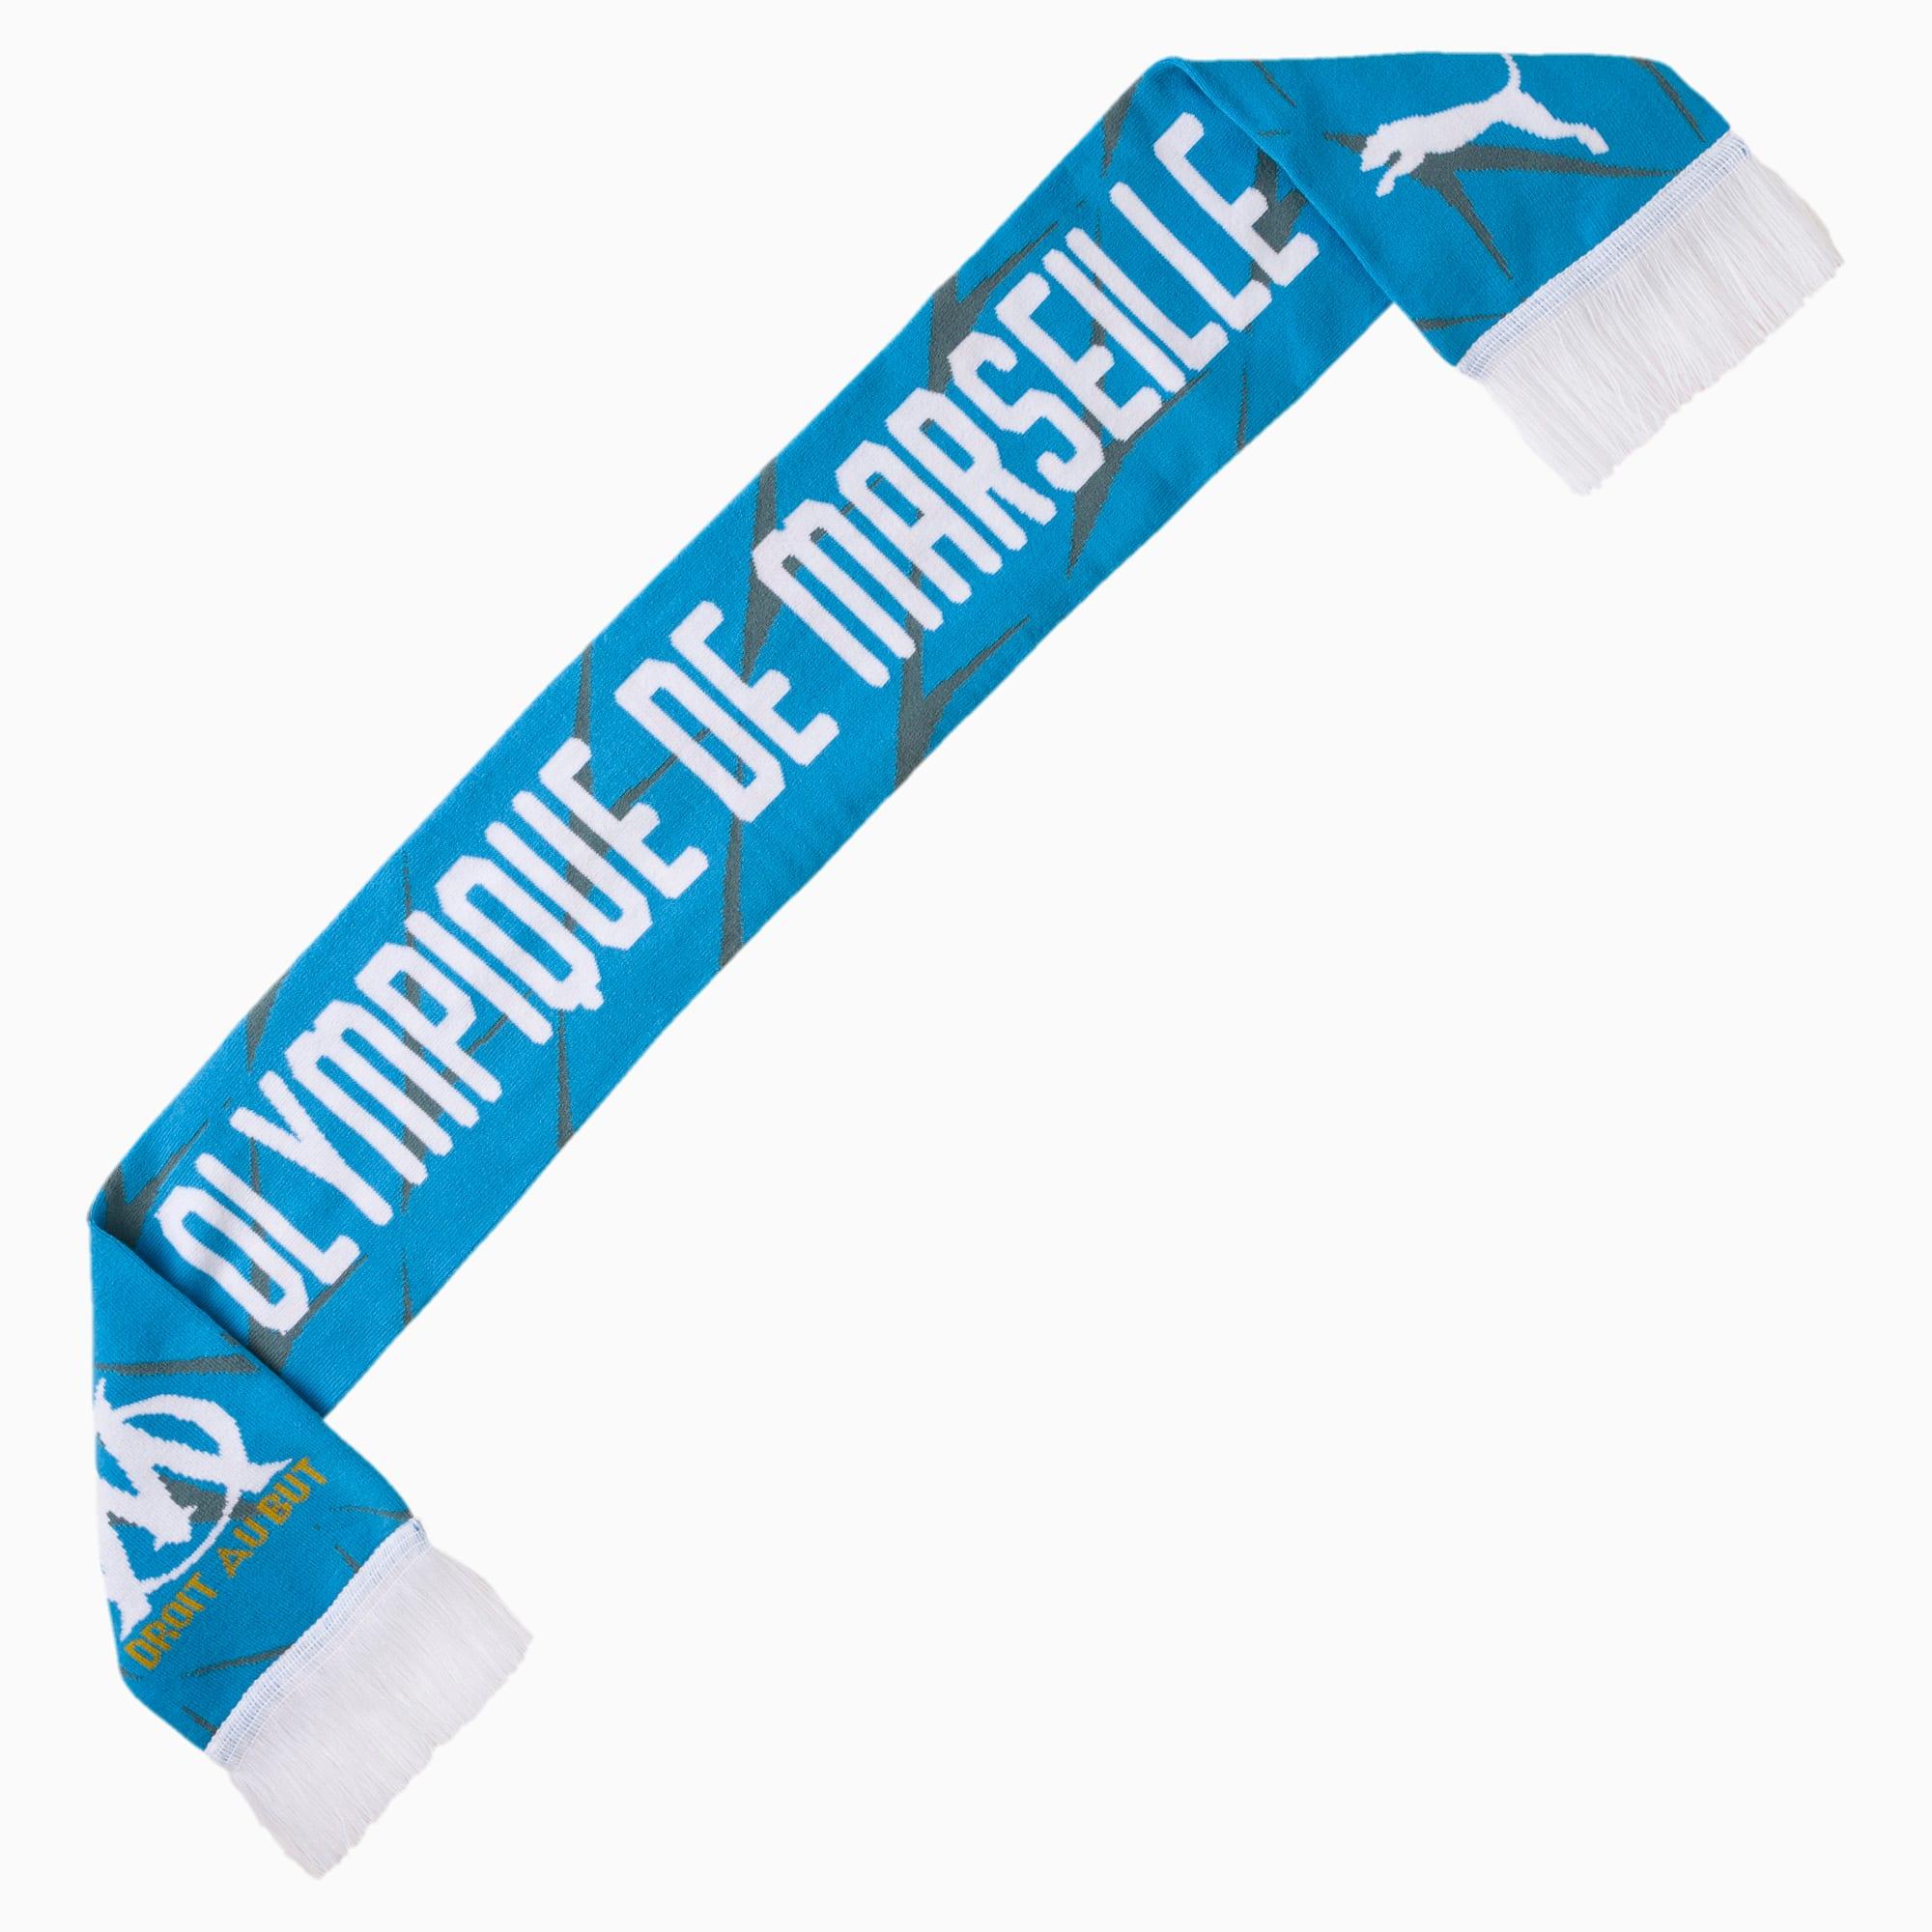 Écharpe olympique marseille fan, blanc/bleu, vêtements